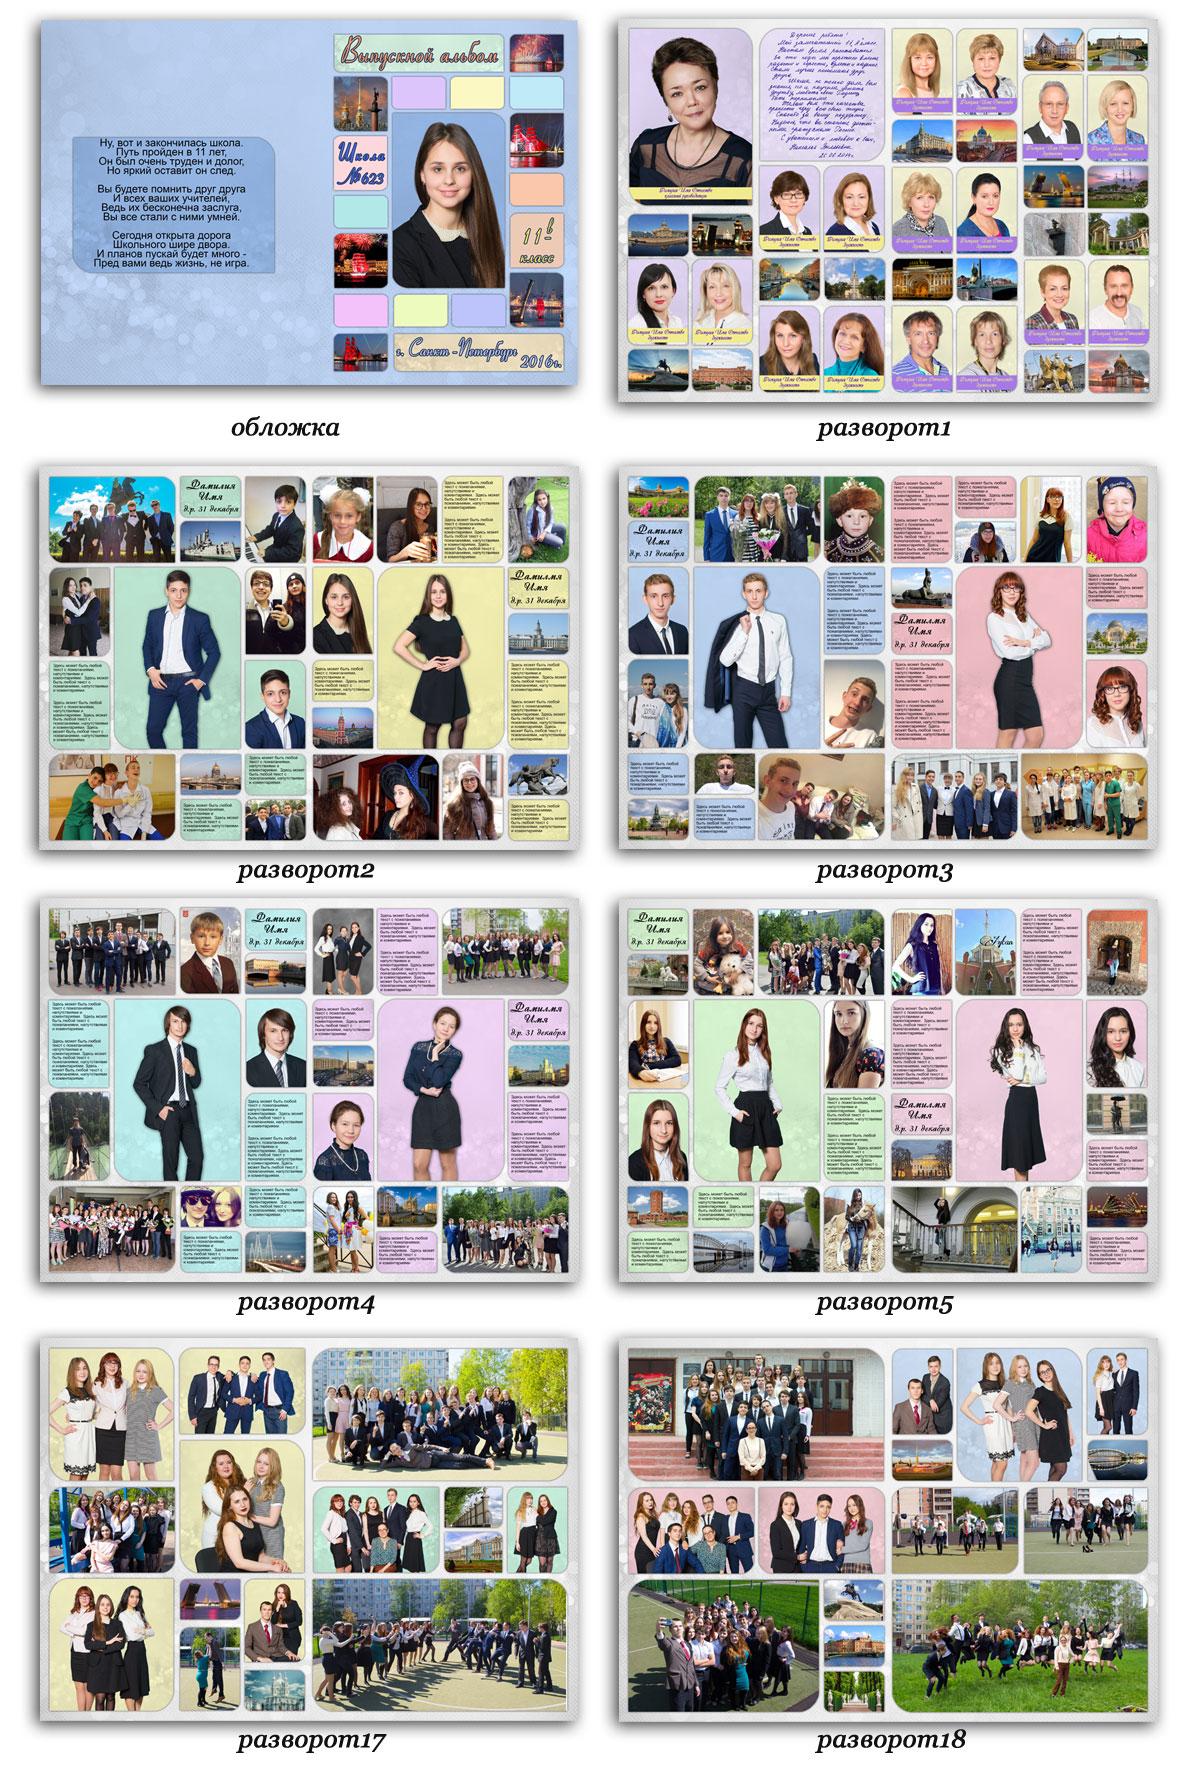 Дизайн разворотов страниц выпускного фотоальбома 9-11 класс «РАЗНОЦВЕТНЫЙ ВЫПУСК»